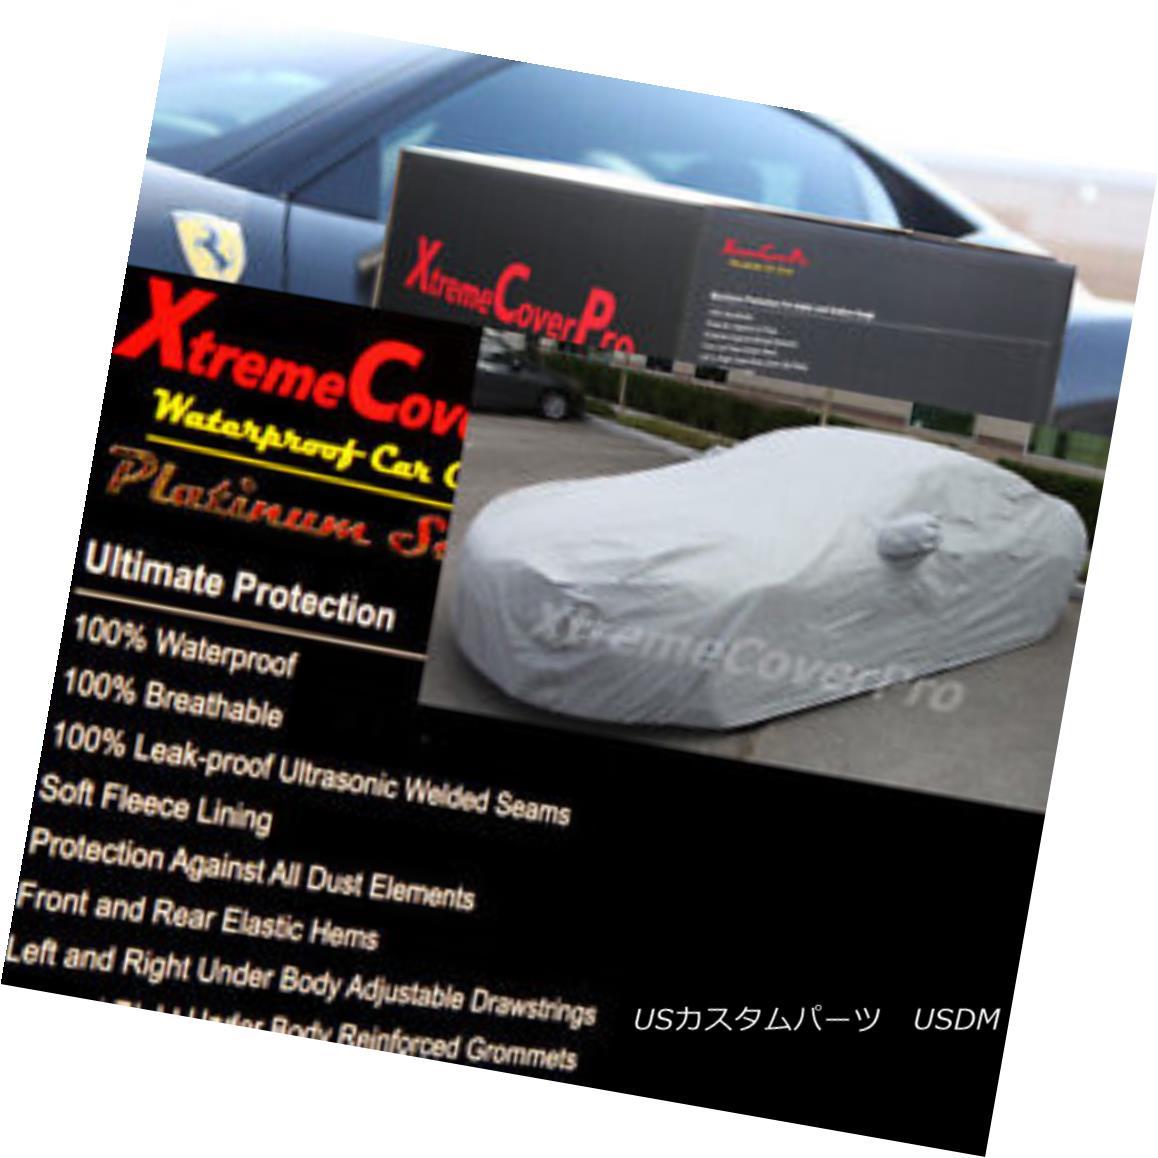 カーカバー 2015 BMW 740I 750I Waterproof Car Cover w/Mirror Pockets - Gray 2015 BMW 740I 750I防水カーカバー付き/ミラーポケット - グレー